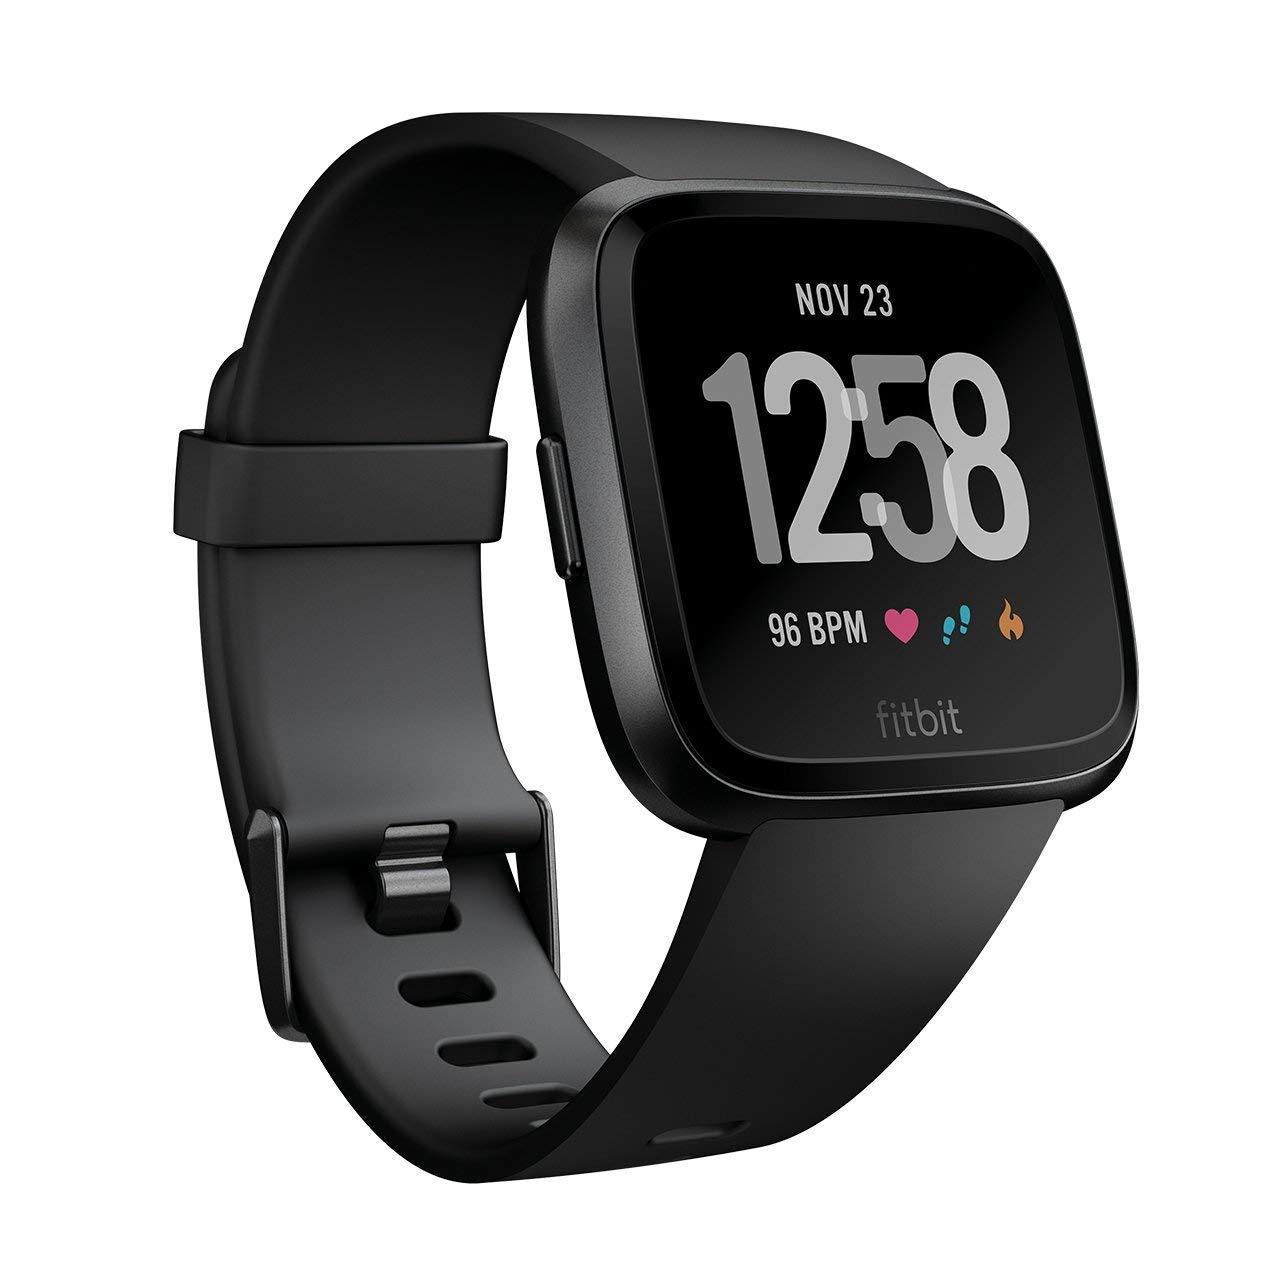 逸品 Black B07bgw4g1b 並行輸入品 スマートウォッチ フィットビットアクティビティトラッカー 活動計 Fb504gmbk Black Versa Fitbit 活動量計 App Acuteart Com